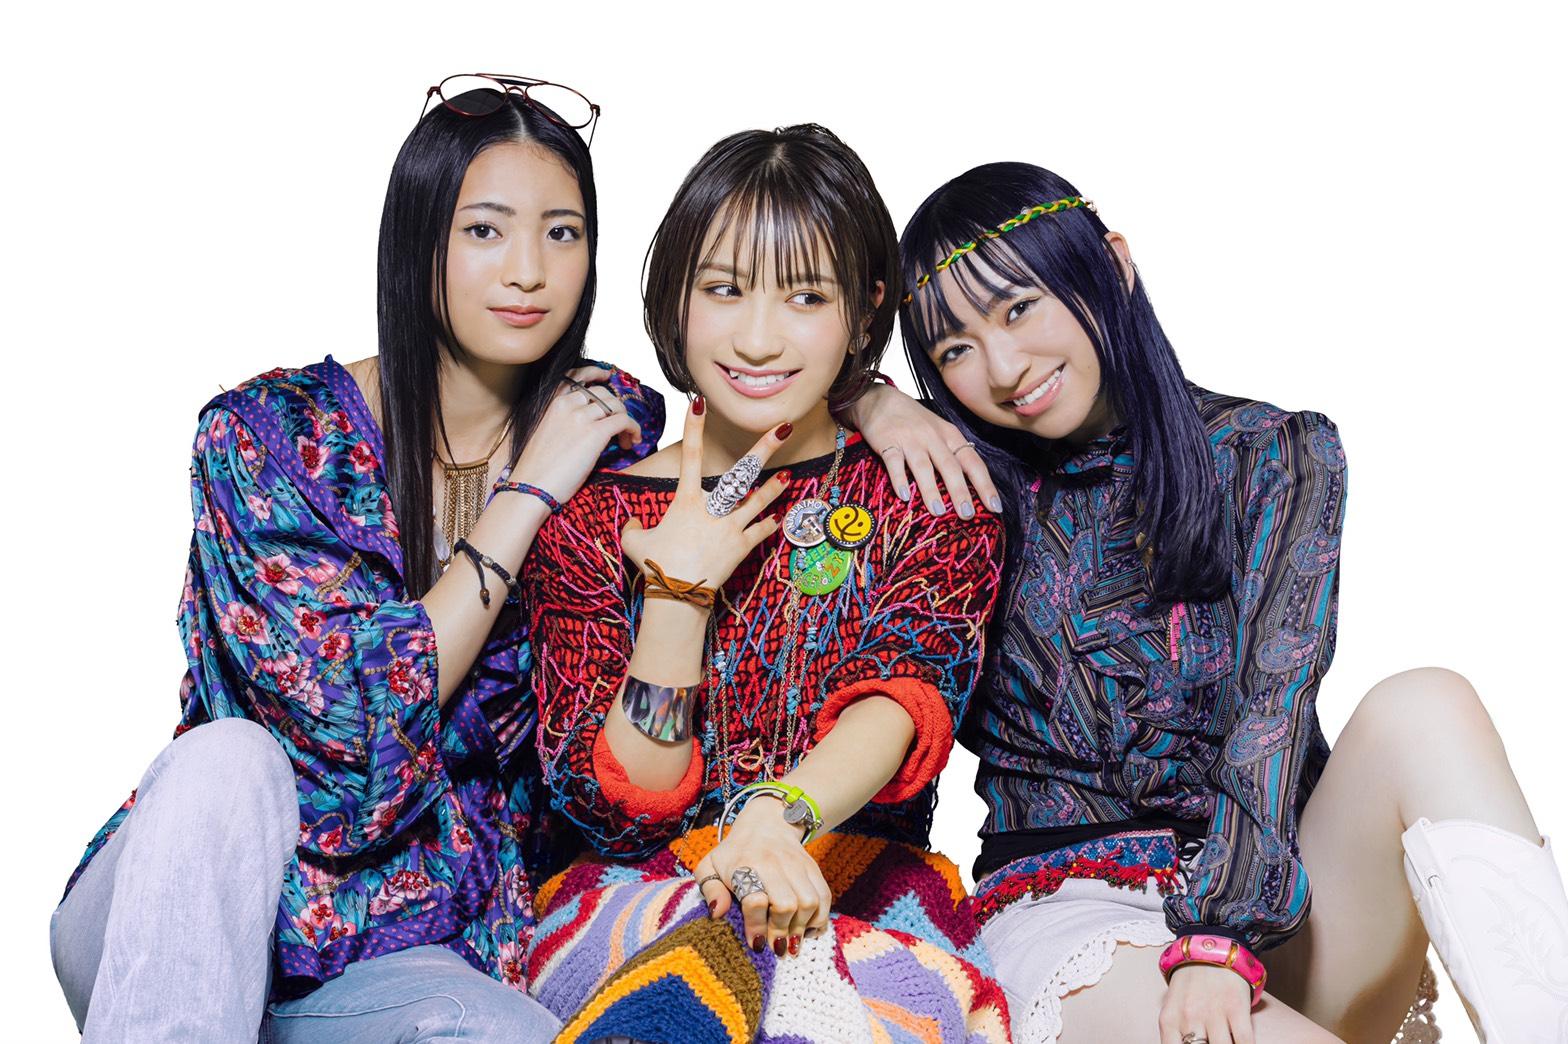 ダンス&ヴォーカルユニット『卒業☆星』が3rdシングルを発表 表題曲「Happy End」が日本テレビ系「バズリズム02」1月エンディングテーマに決定!|株式会社リズムセクションのプレスリリース